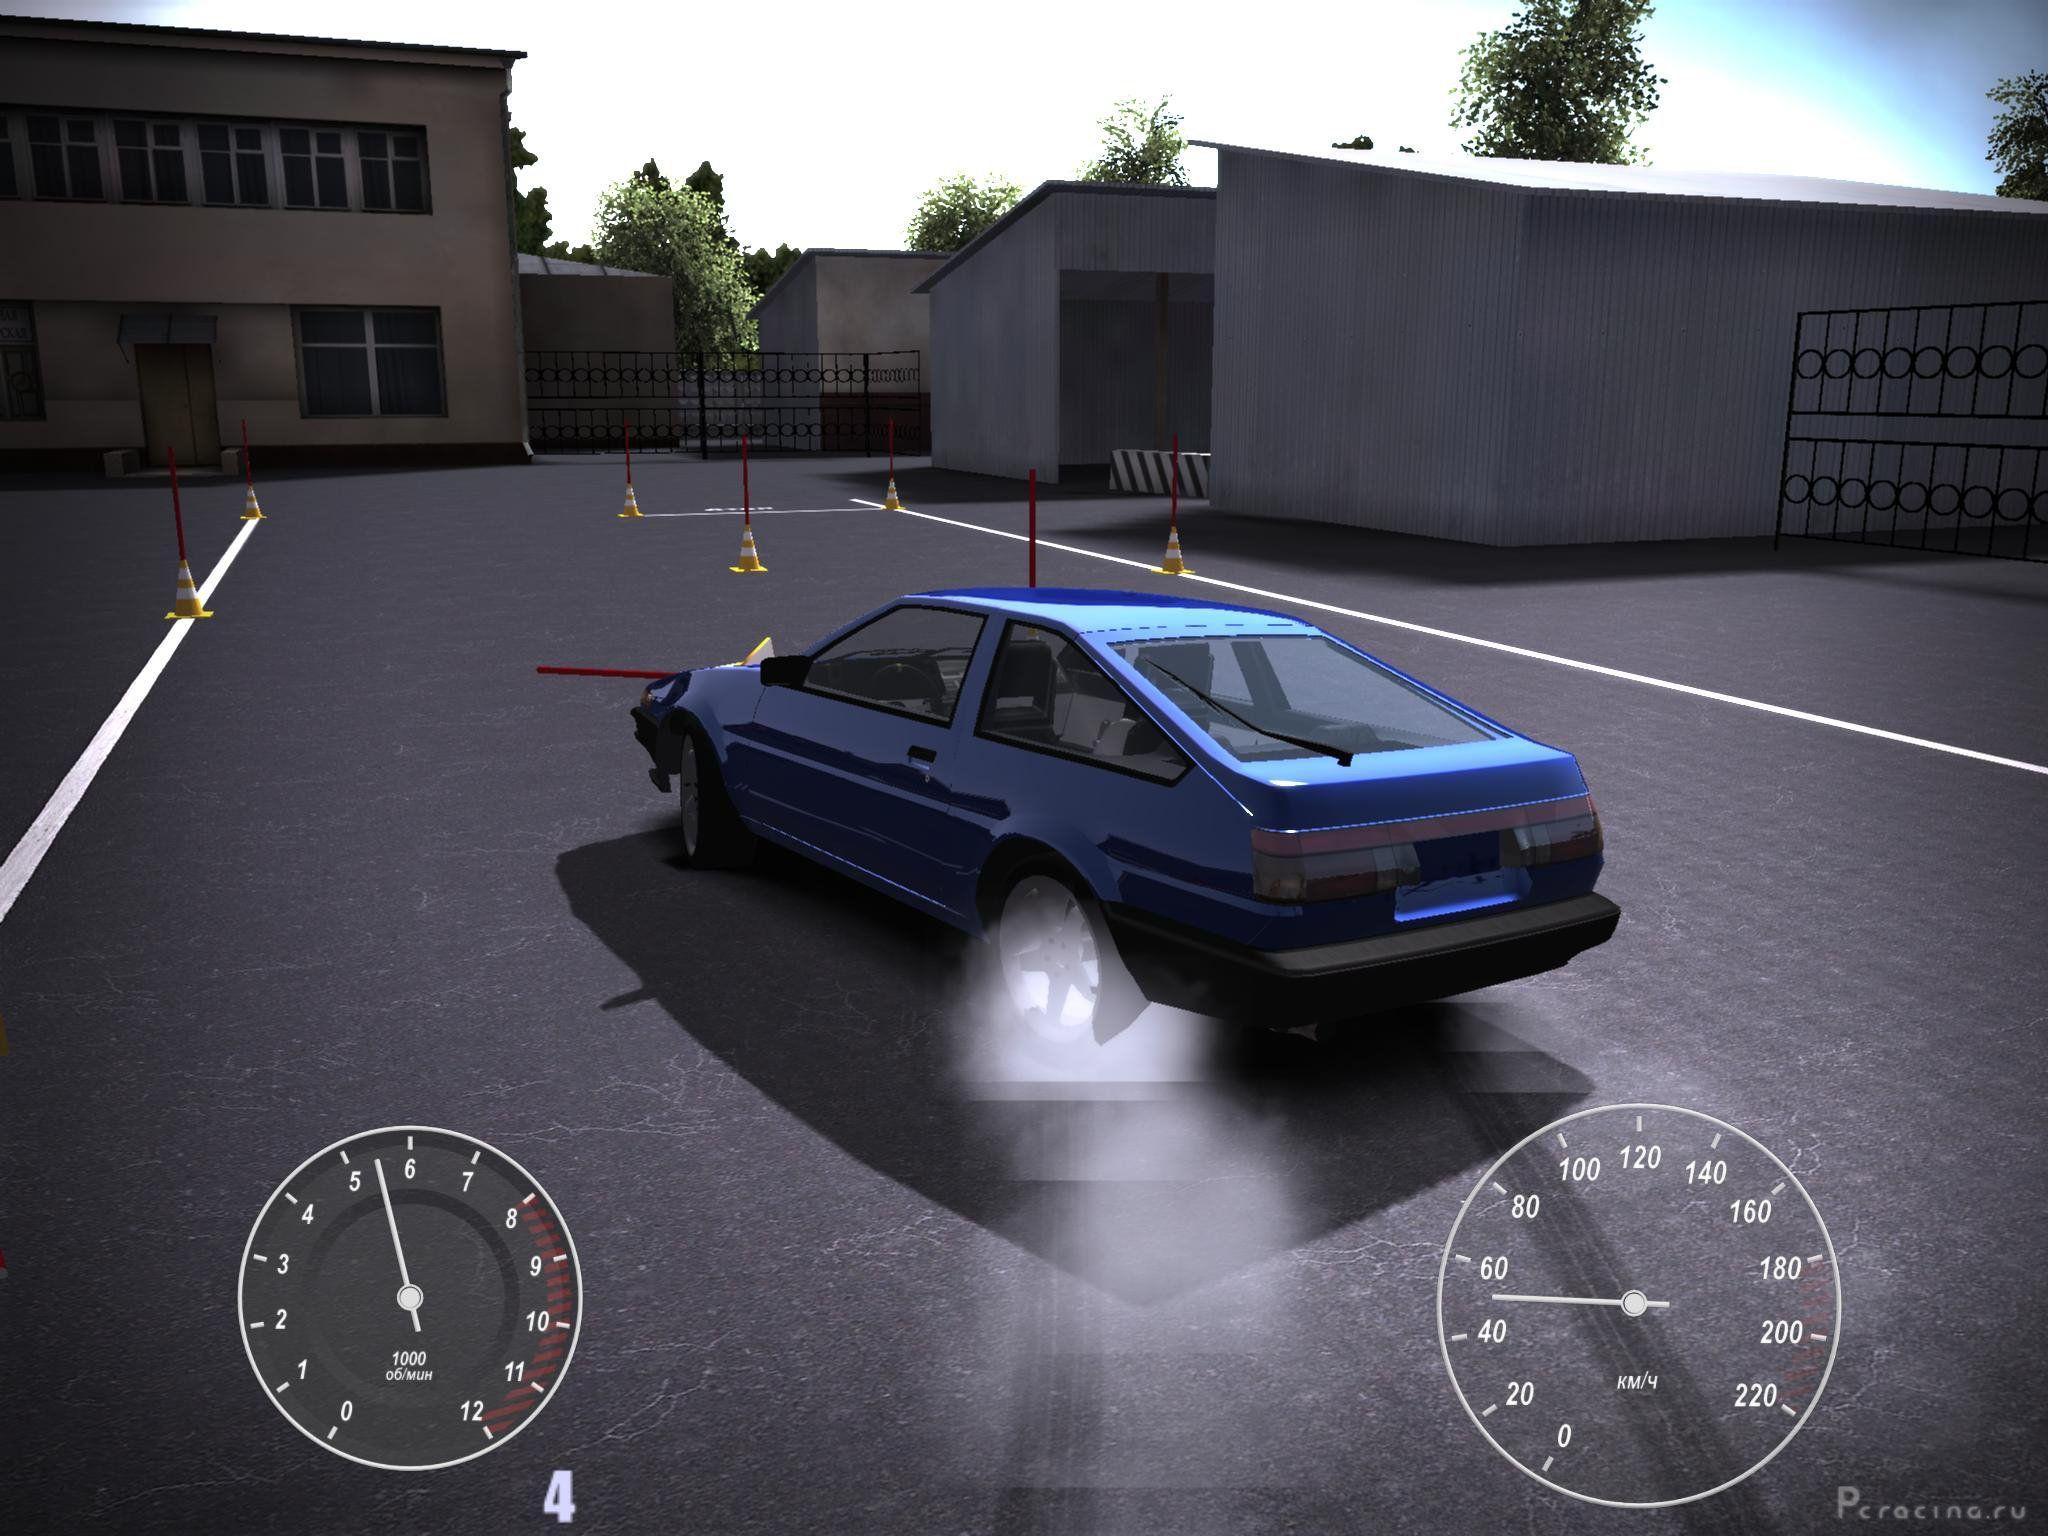 Скачать симулятор вождения автомобиля на компьютер бесплатно